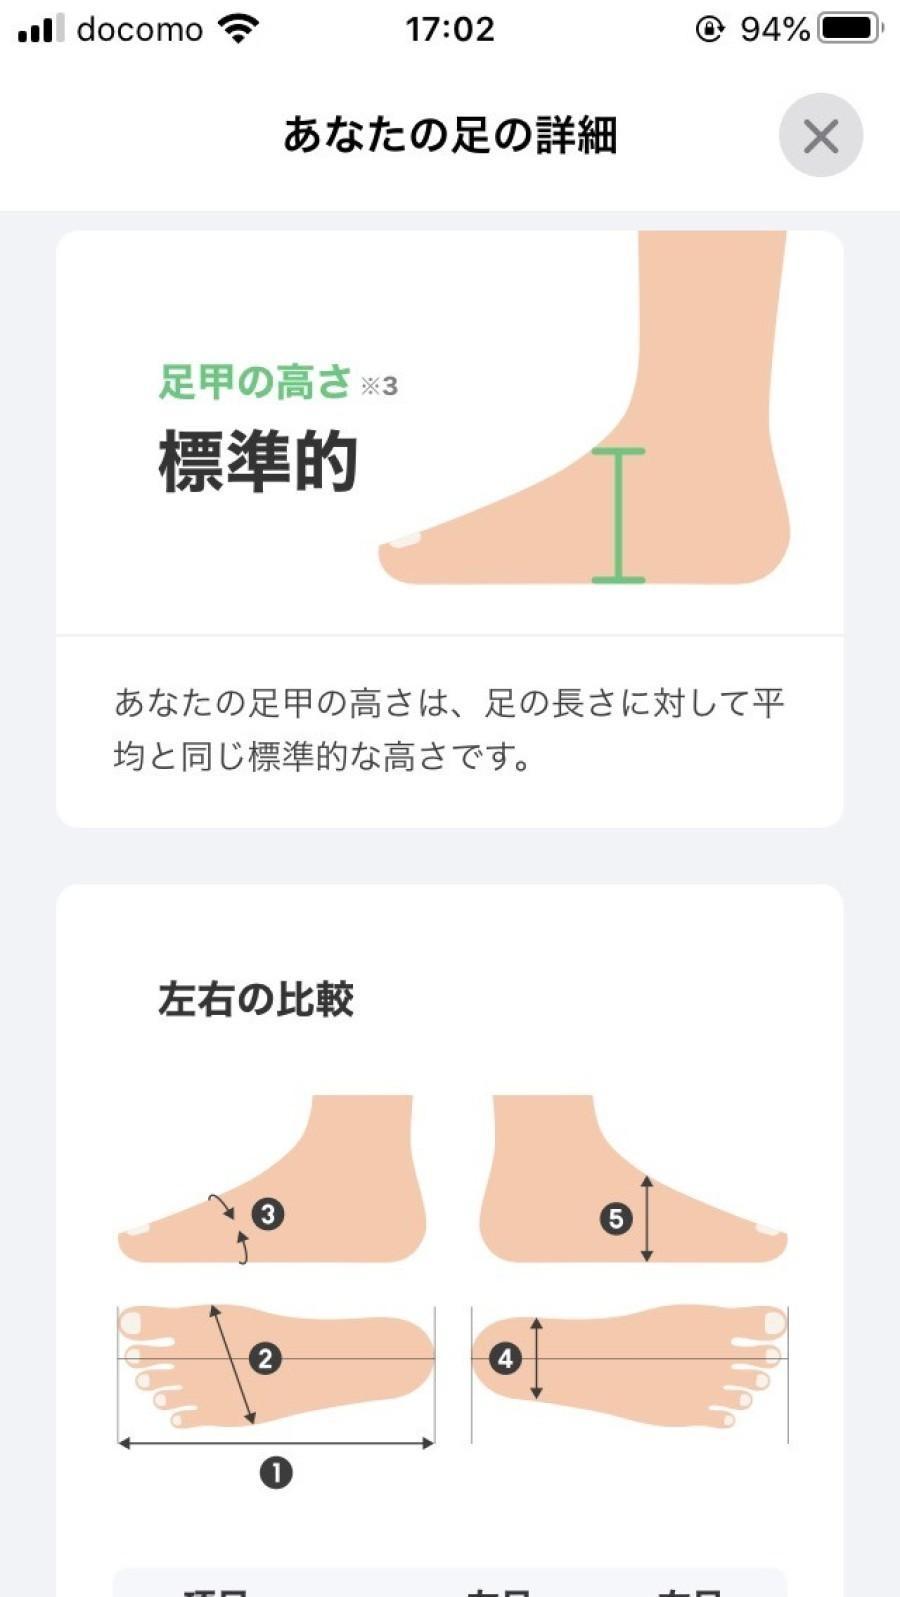 話題の『ZOZOMAT』 VS 『荒井弘史』 靴作りのプロとハイテクの対決!_f0283816_17074861.jpg